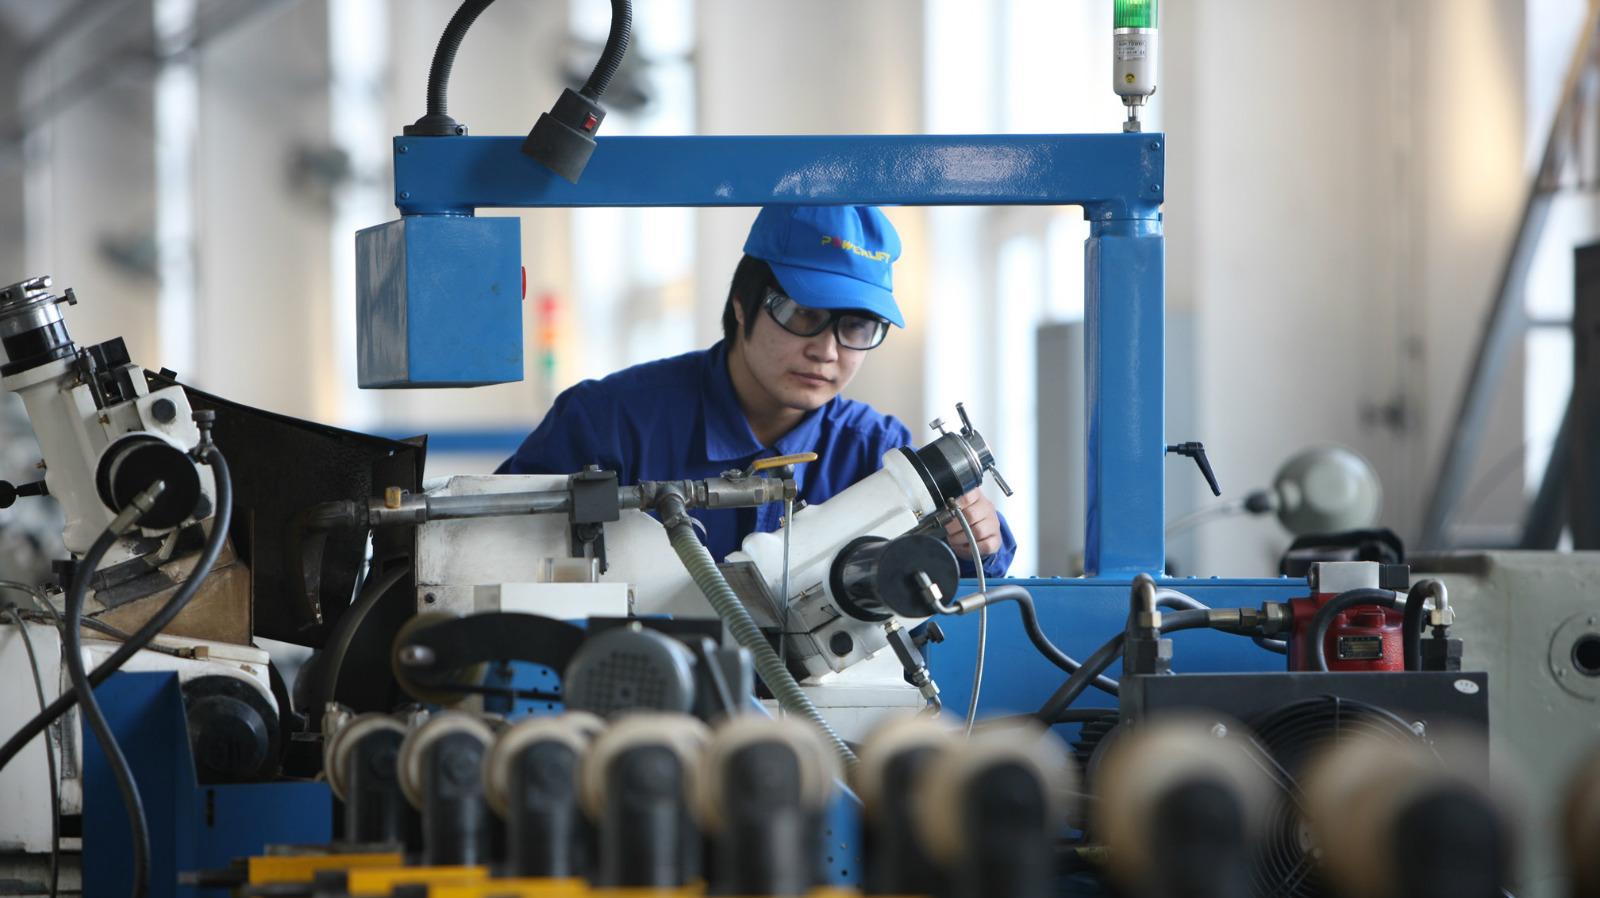 装备制造以市场为主导,发展形成了一批具有国际竞争力的主导产品。